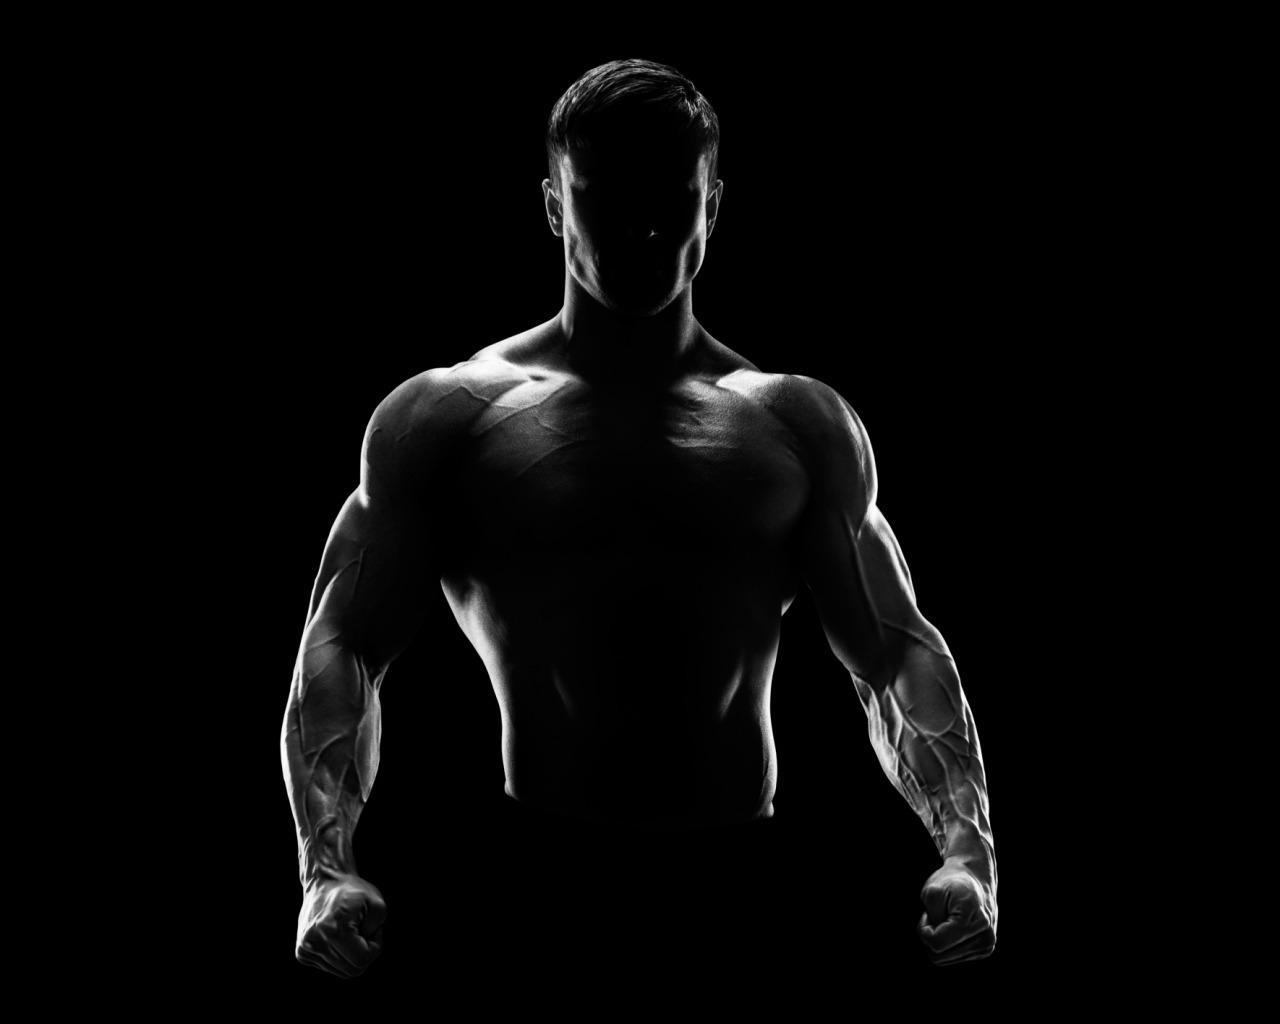 Φτιάξε το σώμα σου: 6 tips για να διατηρήσεις ένα γυμνασμένο κορμί